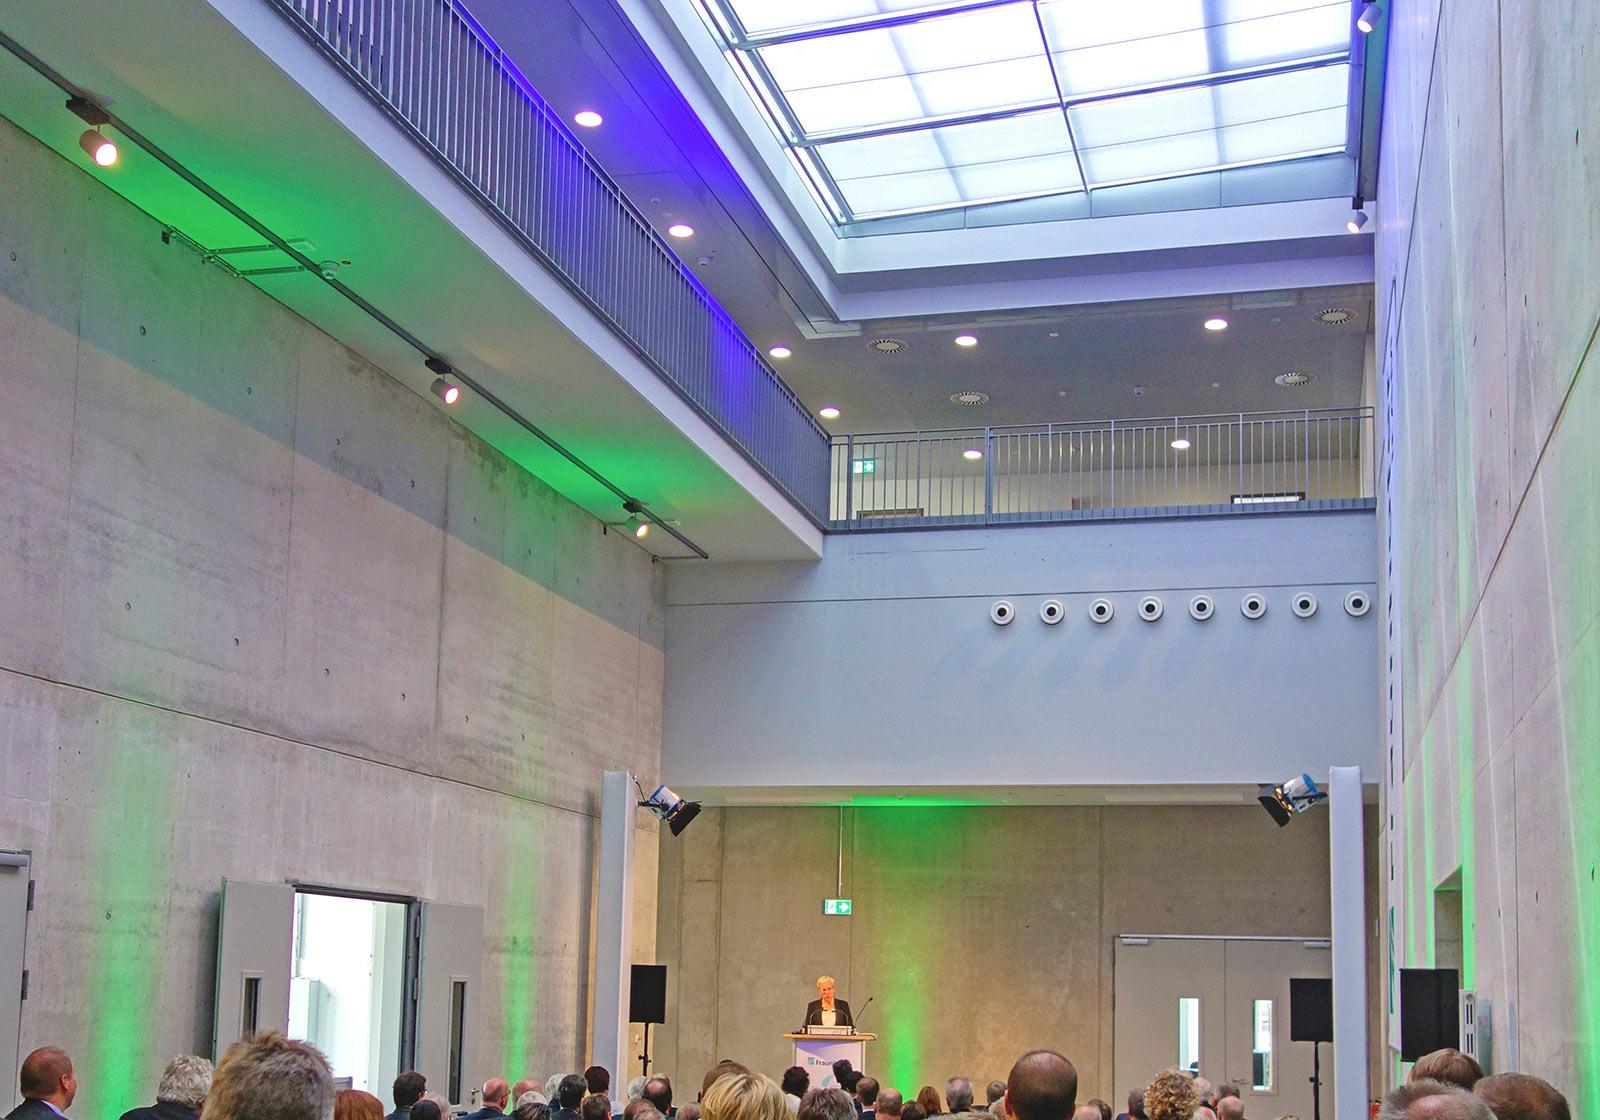 Das edle Atrium schuf mit Farbbeleuchtung und unterschiedlichen Lichtreflexionen eine besondere Atmosphäre für das Eröffnungsevent. Foto: Fraunhofer IFAM